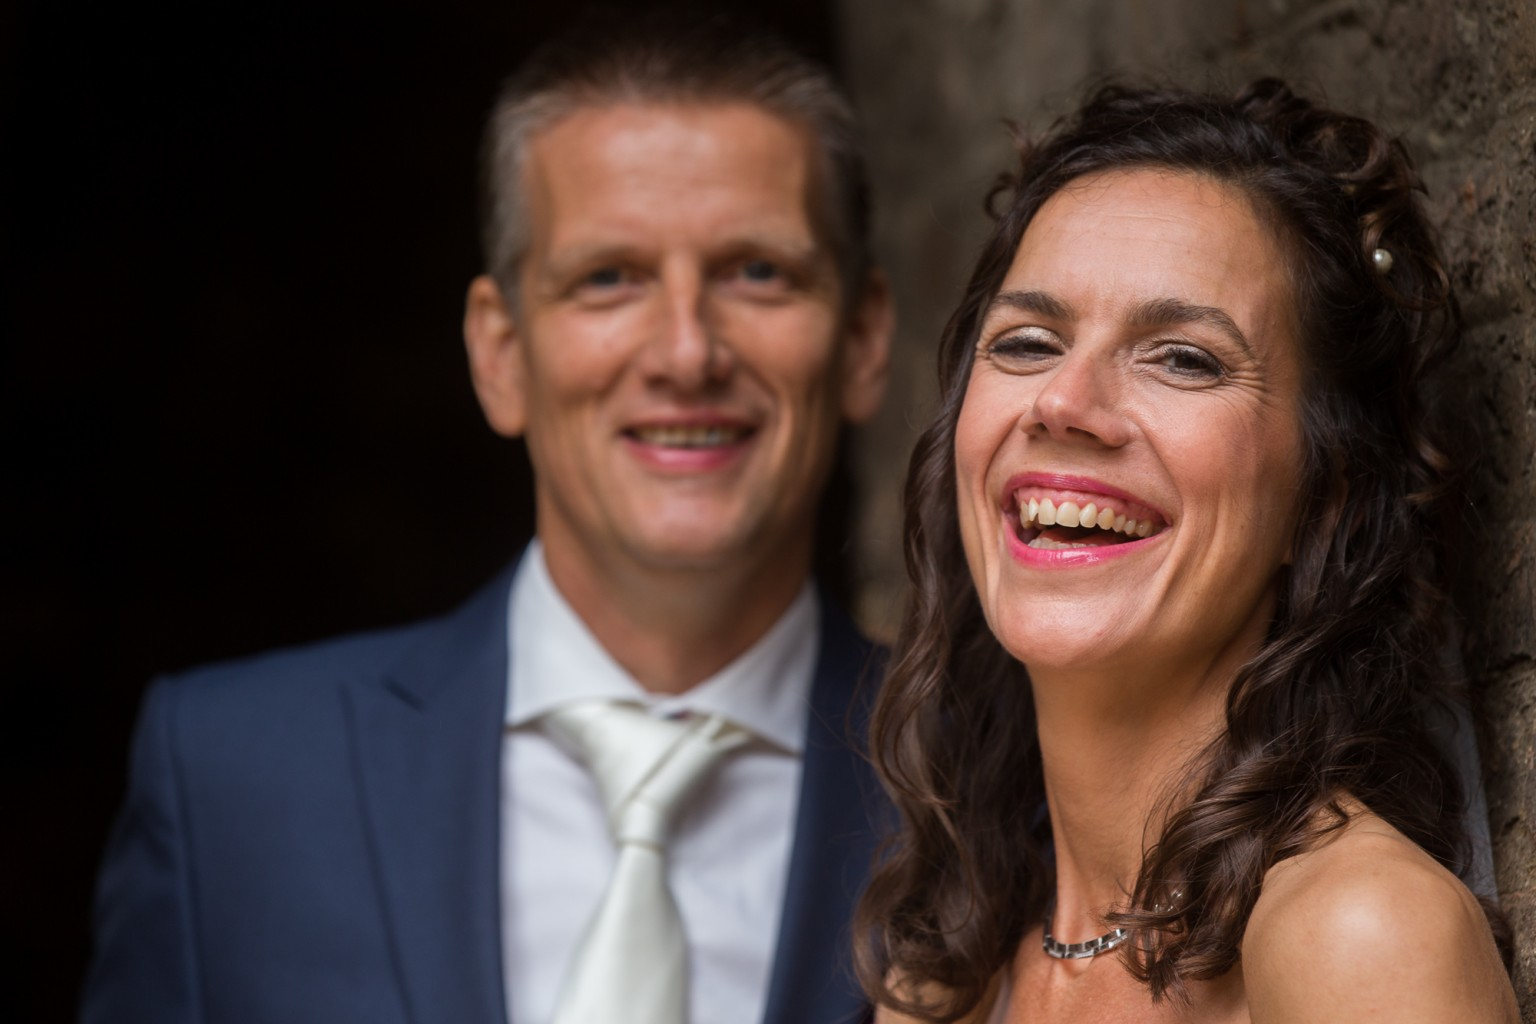 Bruidsreportage in Zutphen